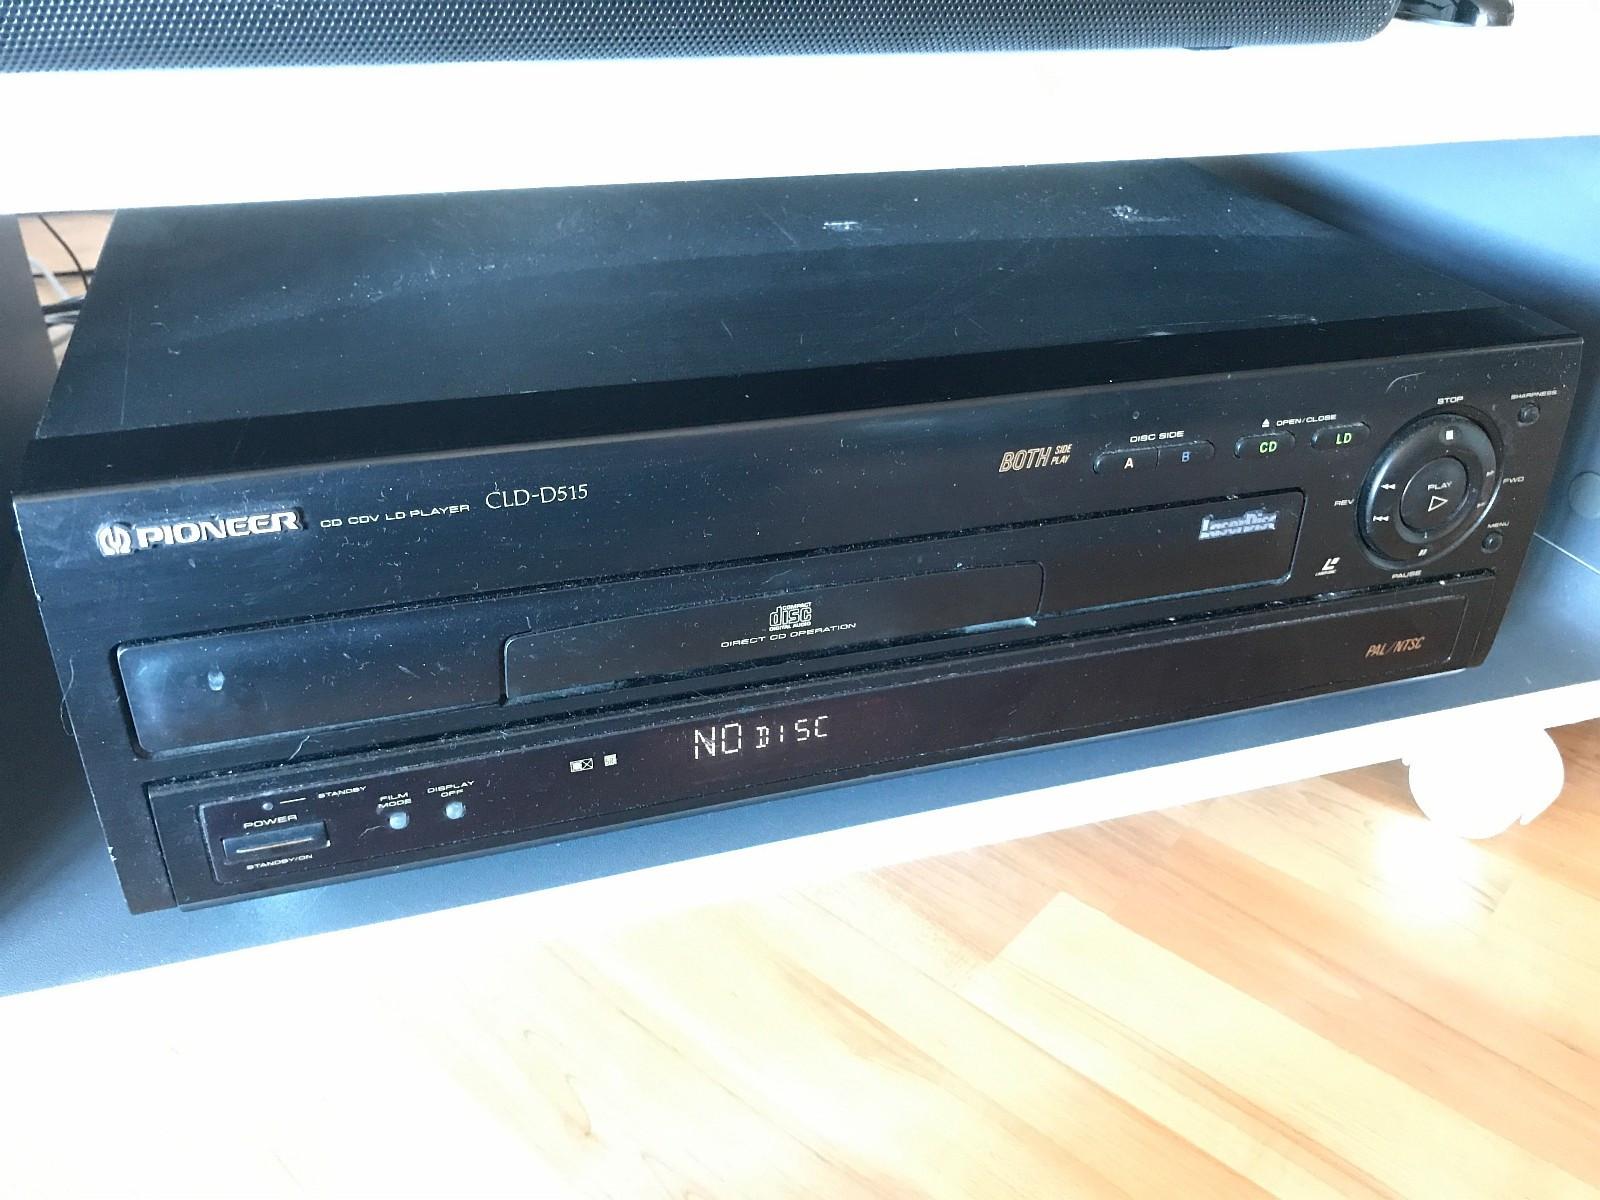 Pioneer CLD-D515 Laserdisc-spiller - Kongsvinger  - Selger en Pioneer Laserdisc spiller. Den spiller begge sider og støtter både PAL/NTSC. Den kan også brukes på 220V. Fjernkontroll medfølger.  Laserdisk - Kongsvinger